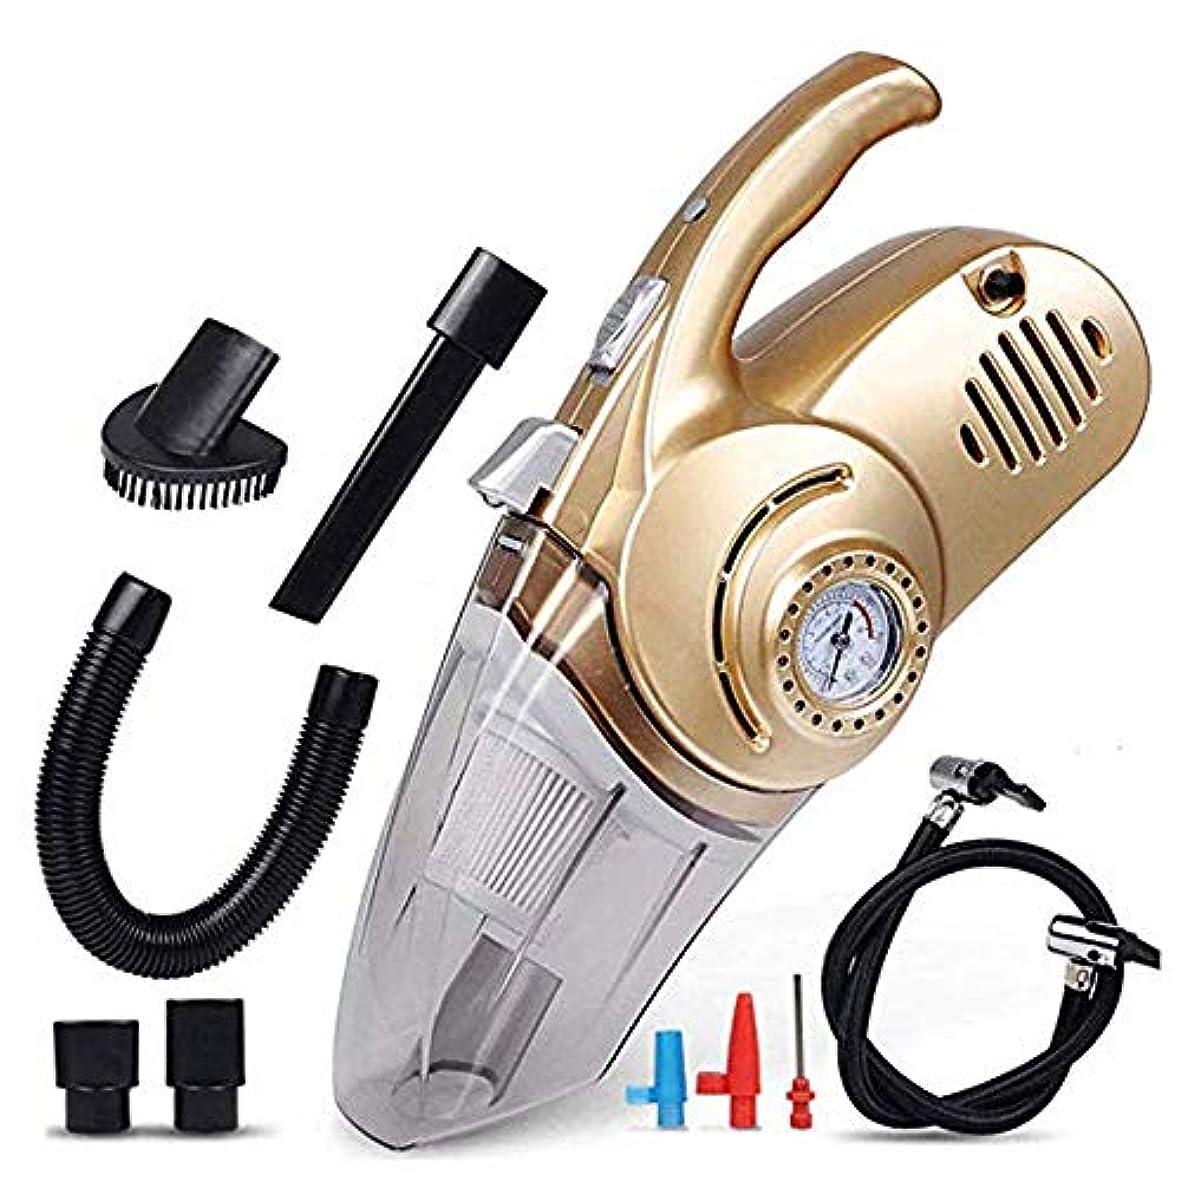 カプラー欠如枯渇する車用掃除機、4 in 1車用エアポンプ12V乾湿両方の照明高出力ポータブルハンドヘルドミュート家庭、床、カーペット、人のペットの髪に最適